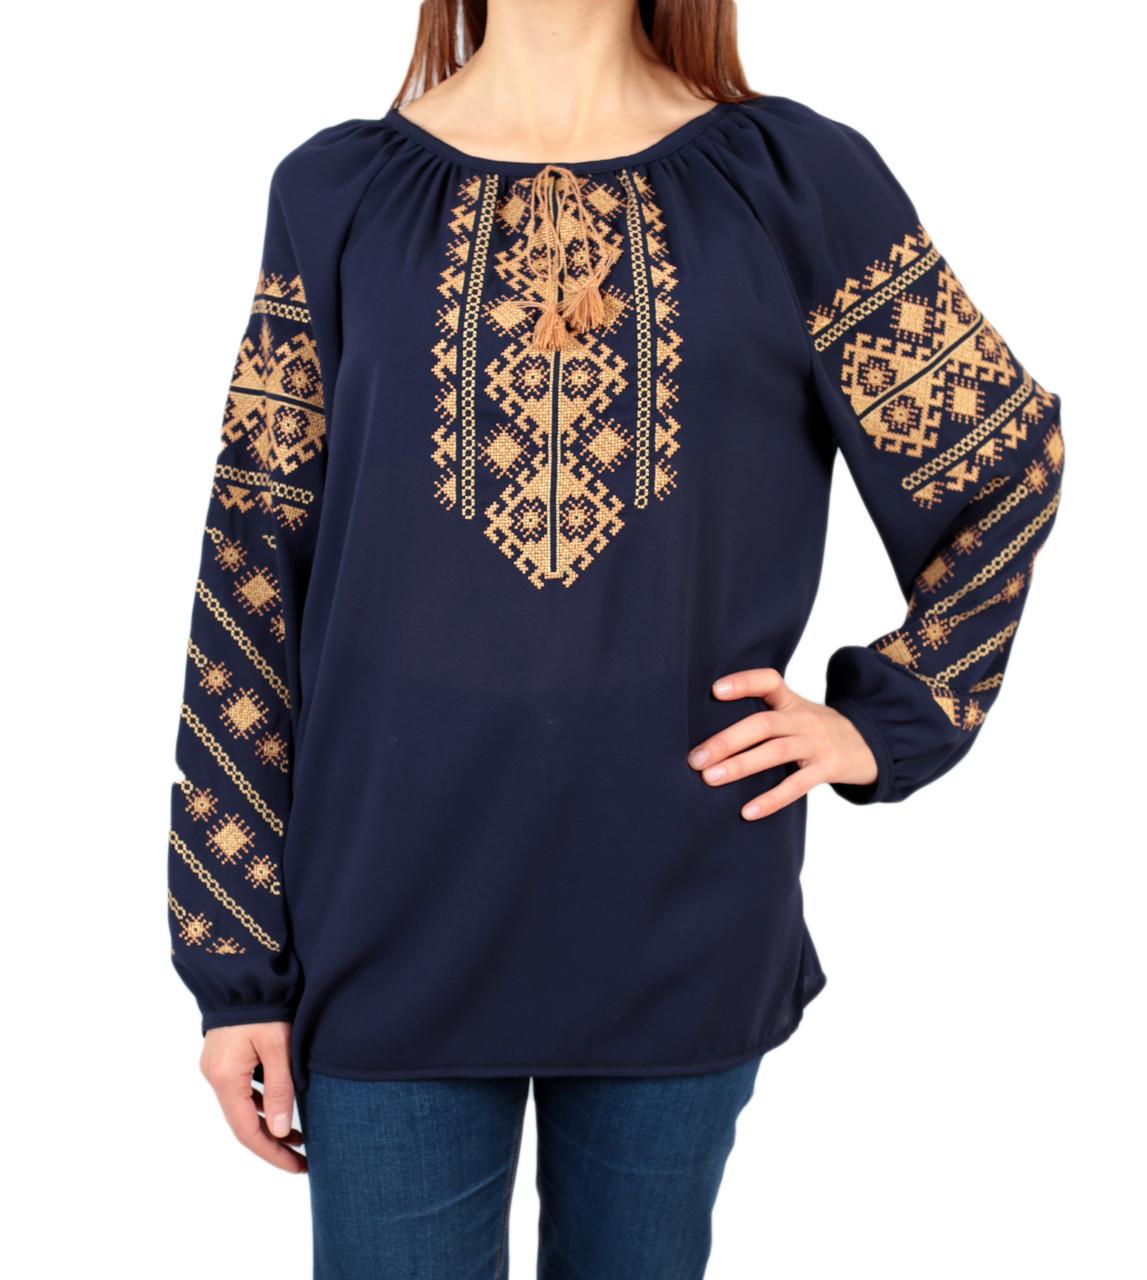 Жіноча шифонова блузка синього кольору з етнічним орнаментом